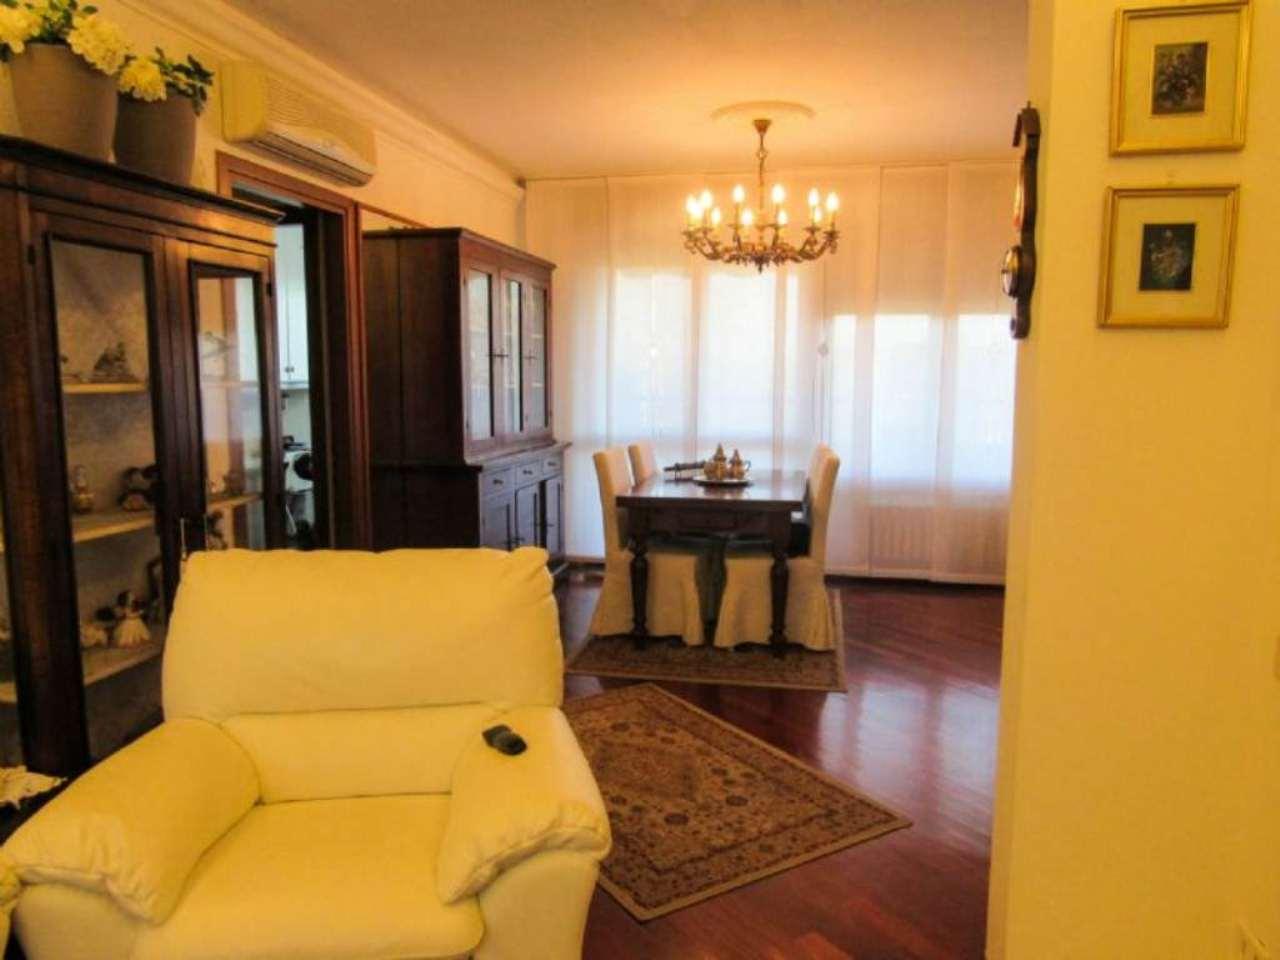 Attico / Mansarda in vendita a Buccinasco, 5 locali, prezzo € 430.000 | CambioCasa.it